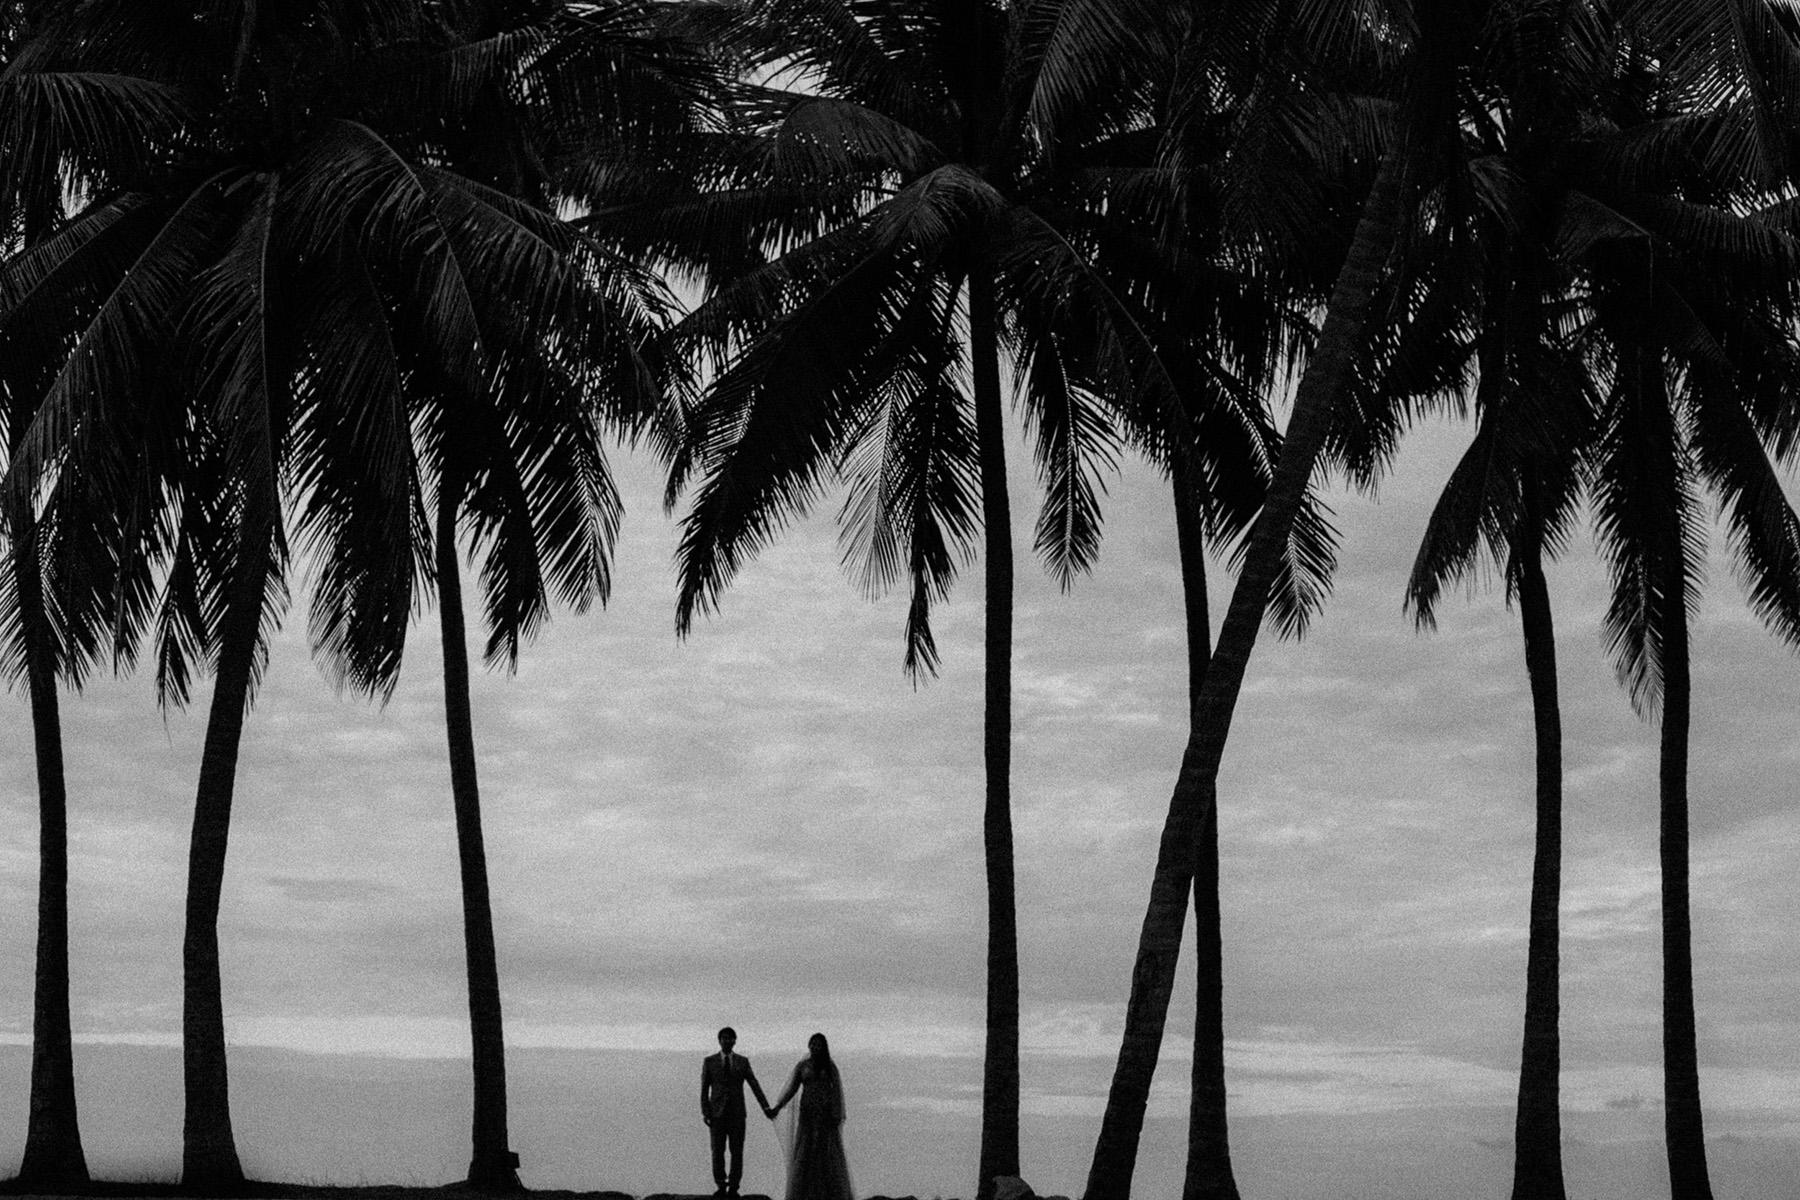 singapore-wedding-photographer-wemadethese-bw-057.jpg